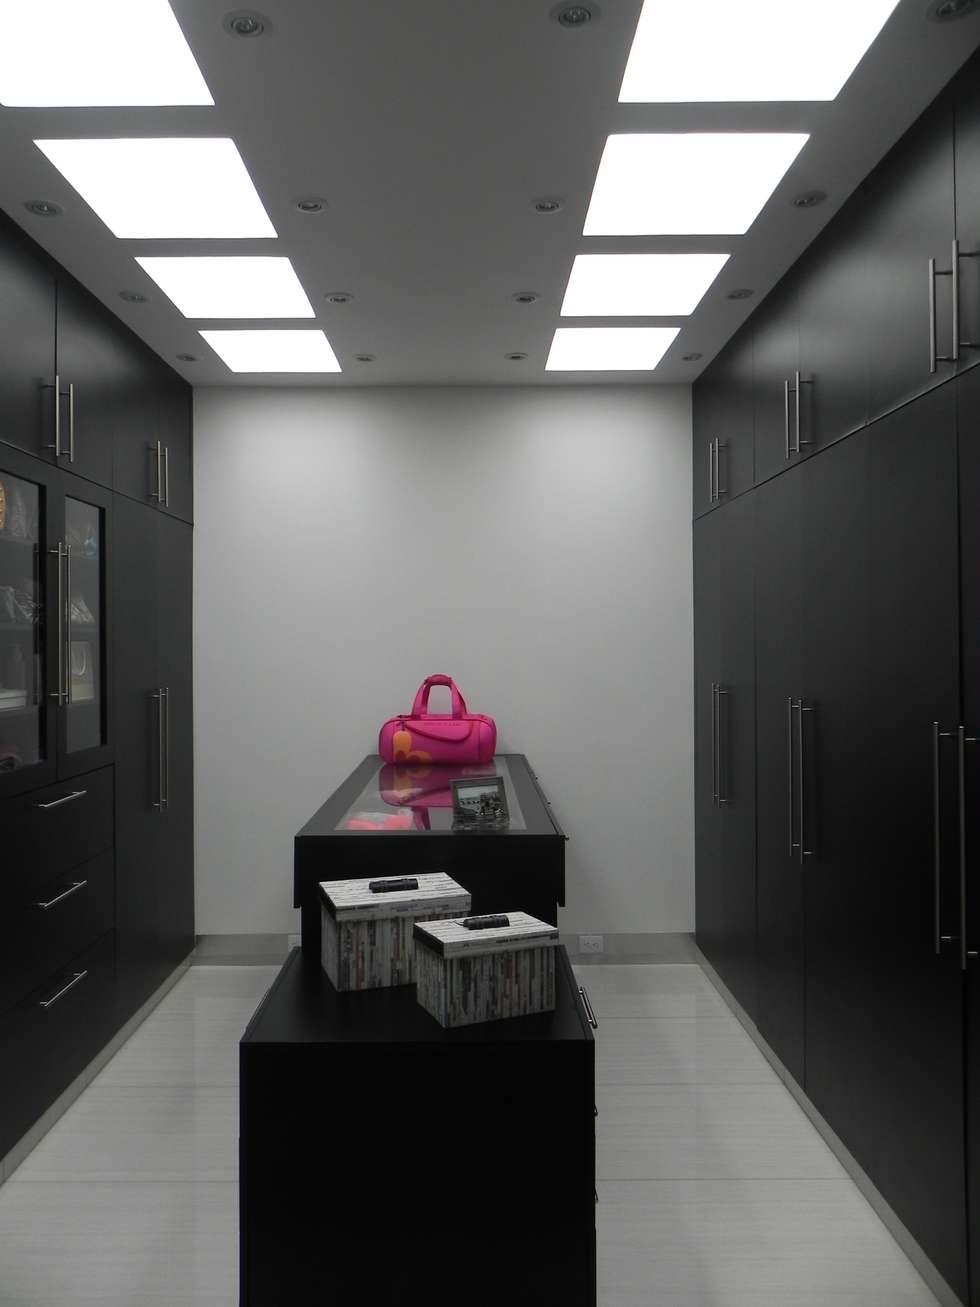 Vestidor: Vestidores y closets de estilo moderno por ARKIZA ARQUITECTOS by Arq. Jacqueline Zago Hurtado